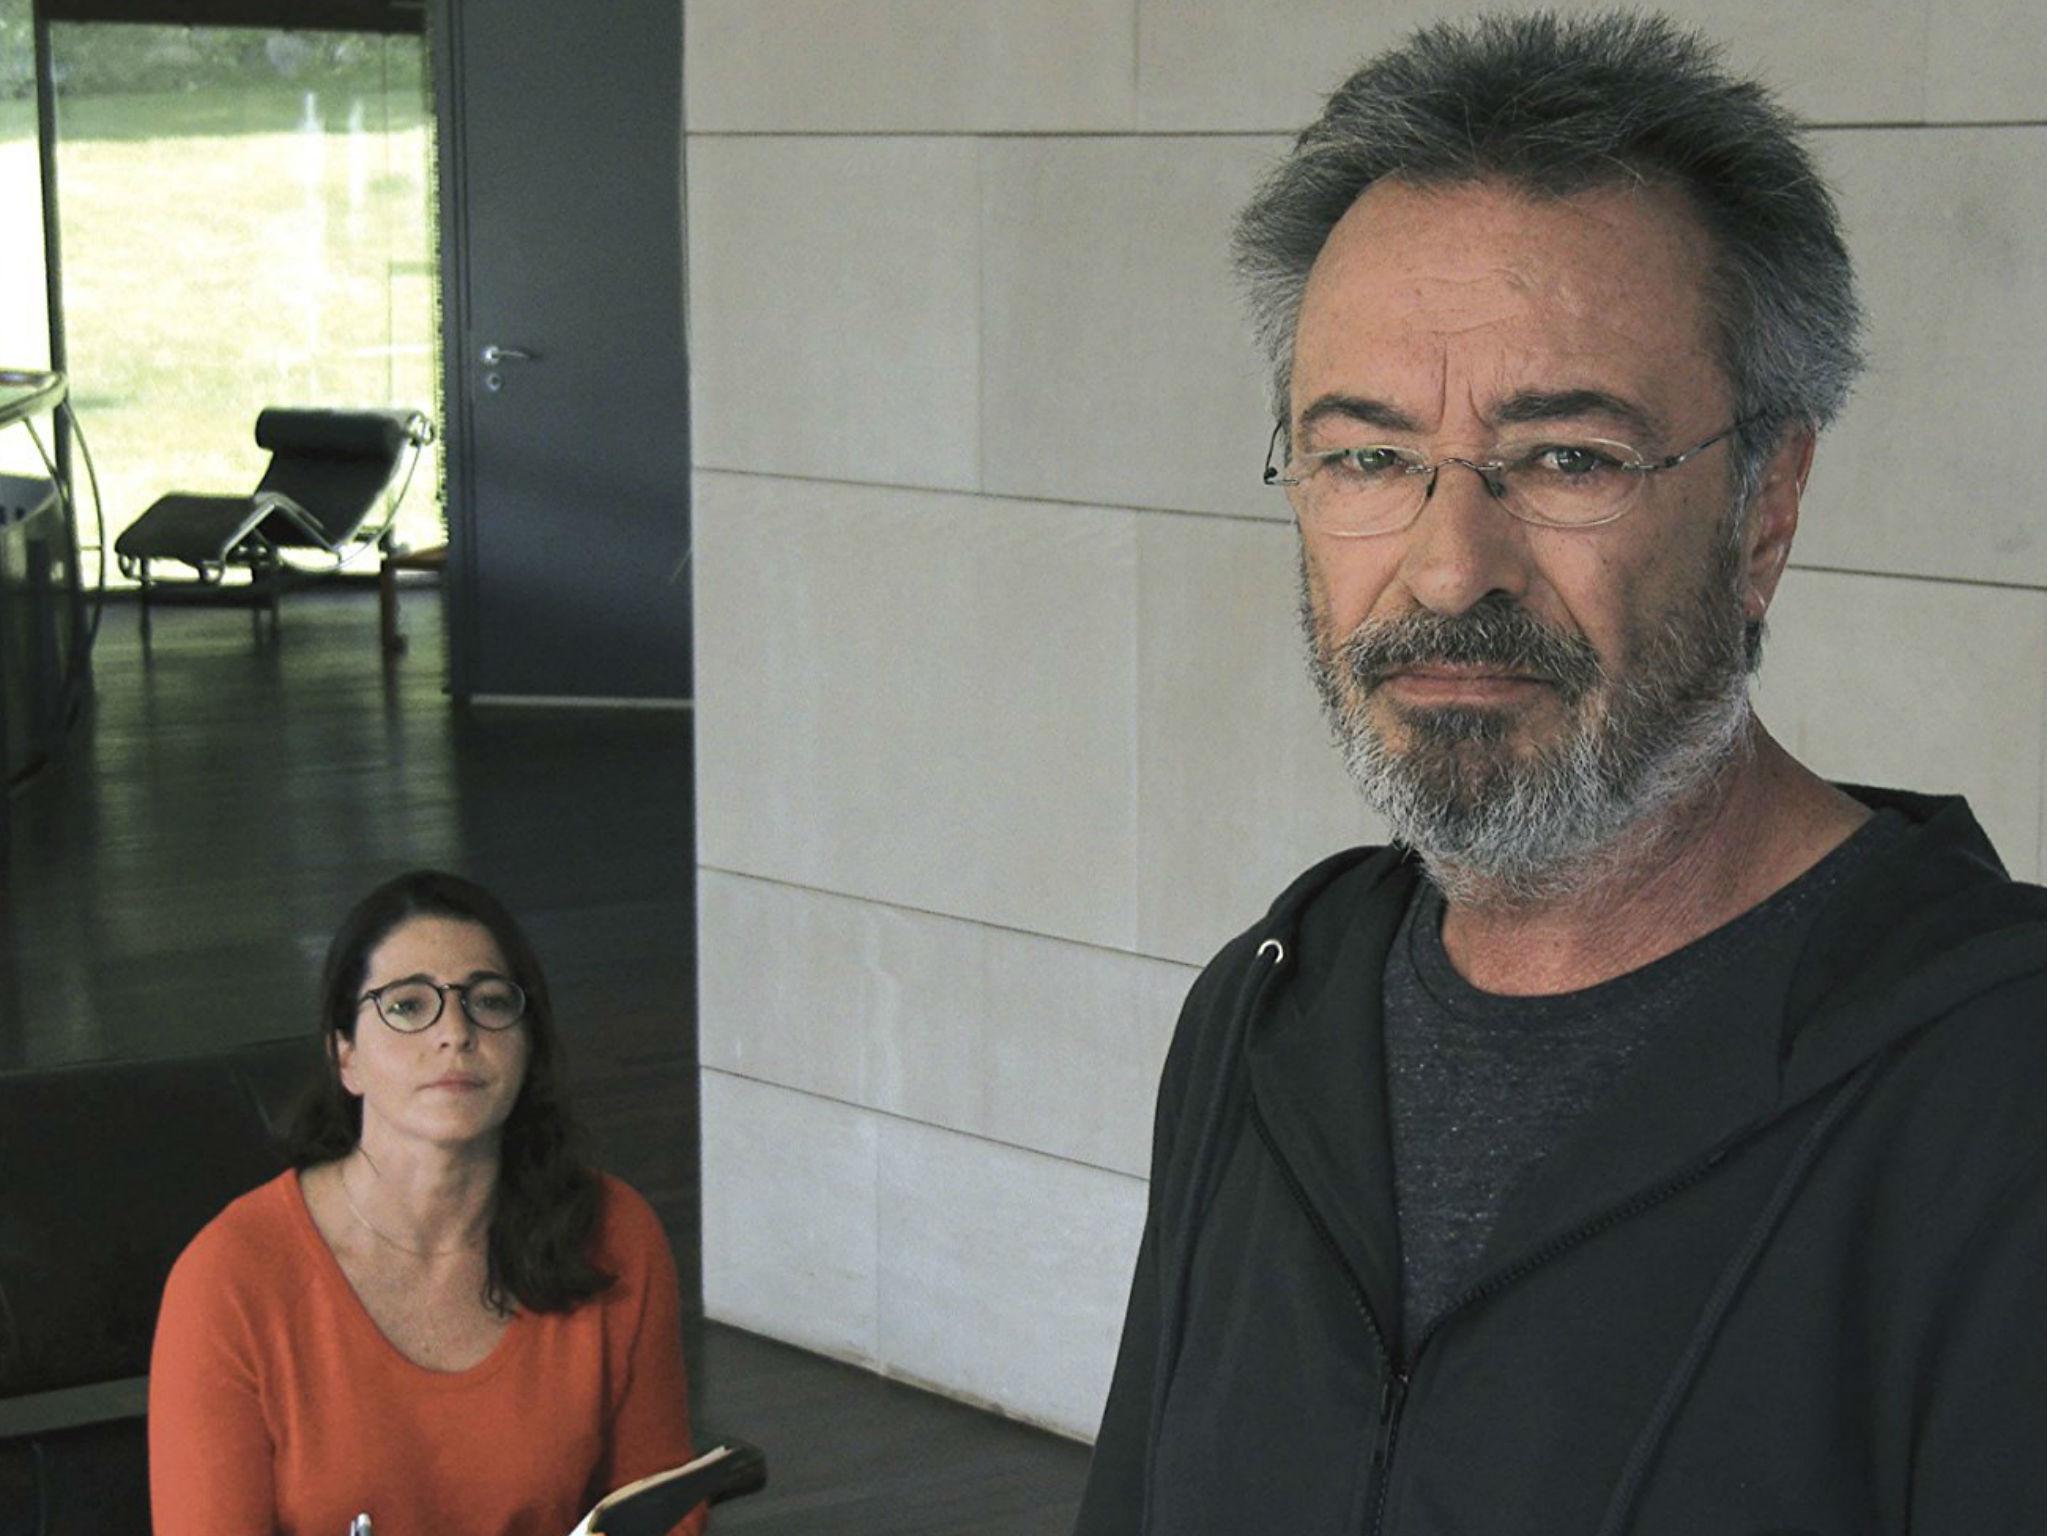 Mariano Cohn, Gastón Duprat, El ciudadano ilustre, 64 muestra de la cineteca